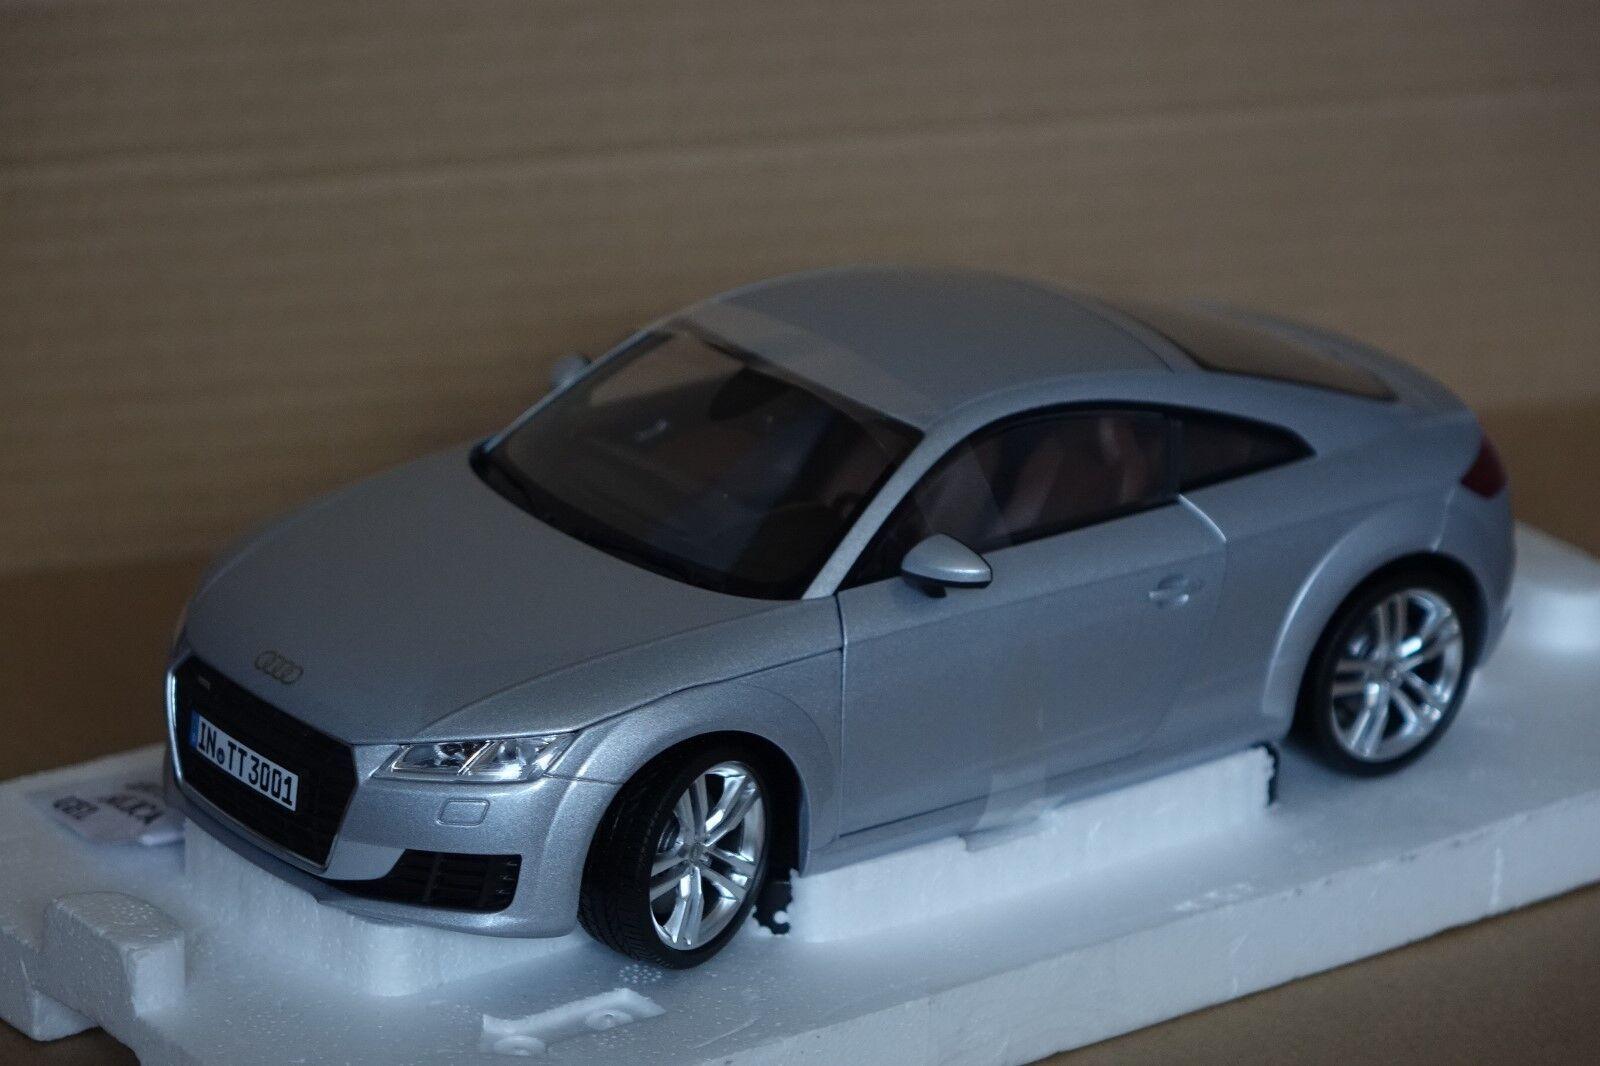 Audi TT coupé 2014  argent 1 18 Audi MINICHAMPS NOUVEAU & NEUF dans sa boîte 5011400415  nouveaux styles les plus en vogue